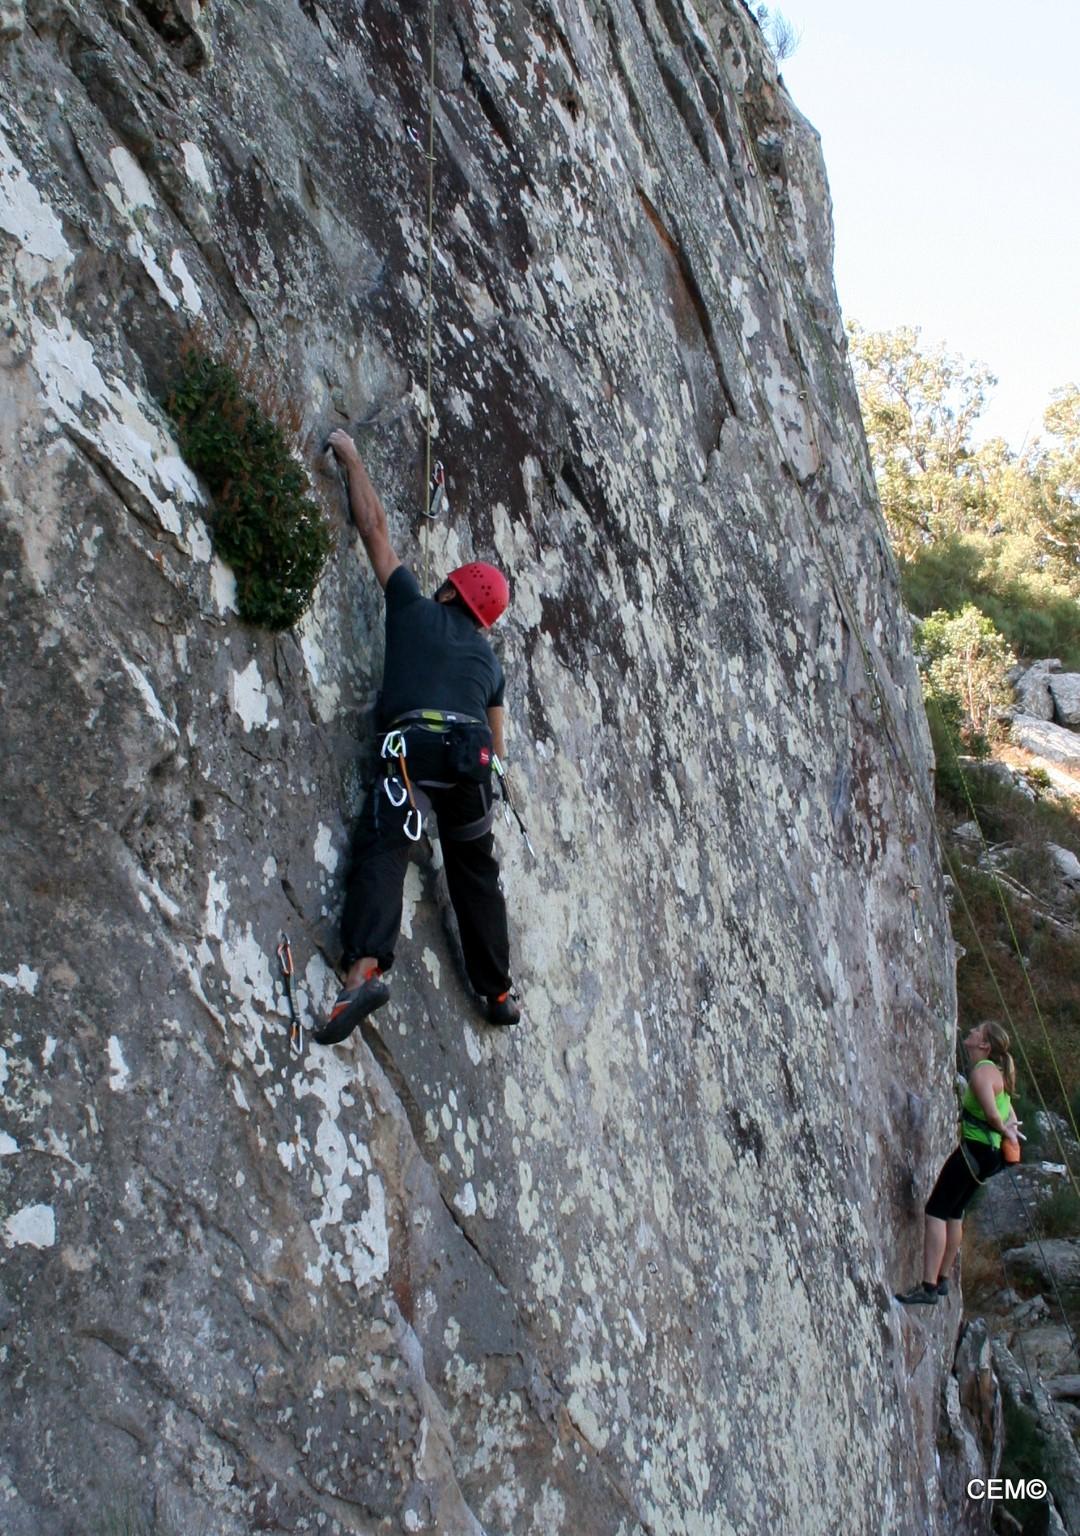 actividad-cem-escalada-deportiva-san-bartolo-tarifa-2016-11